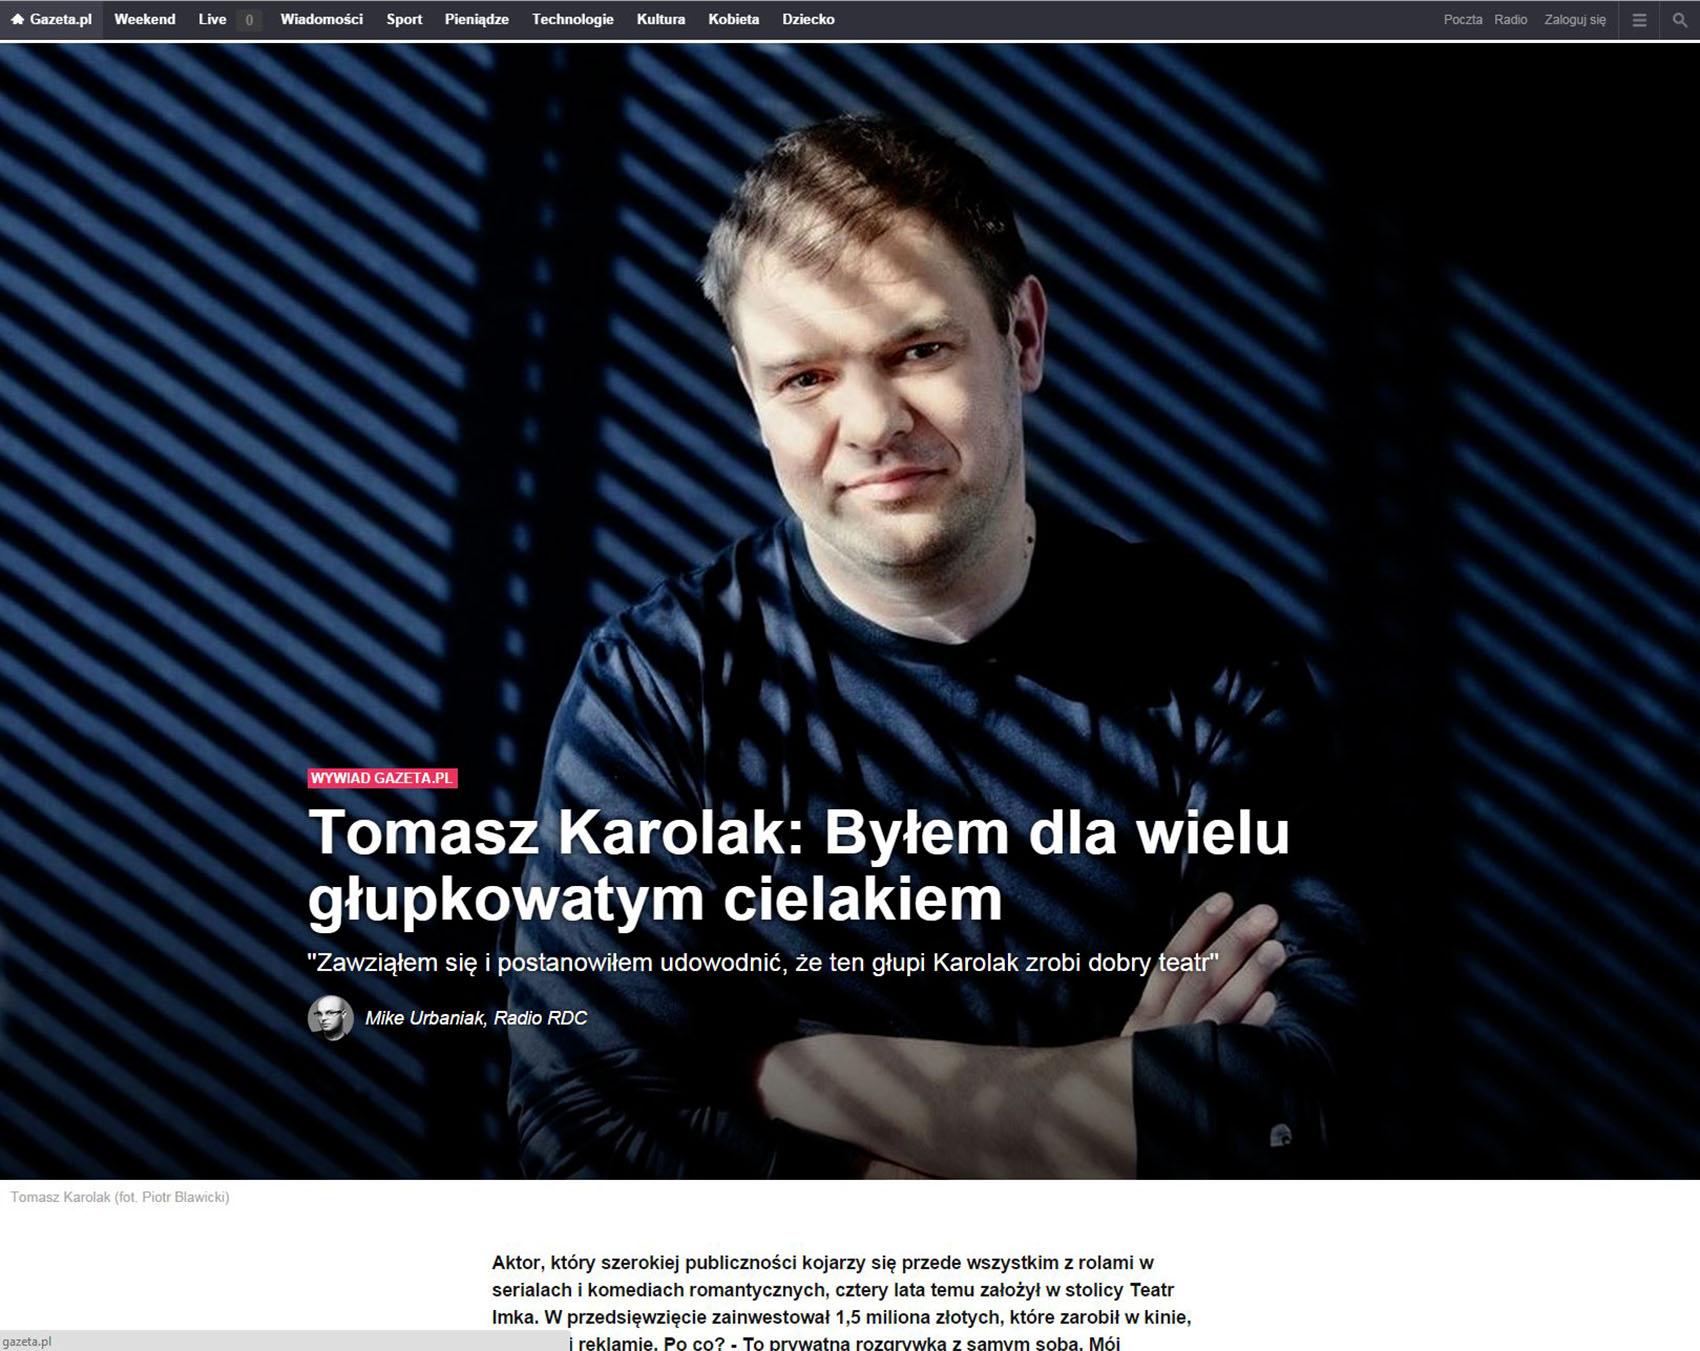 GAZETA.PL z dnia 05.10.2014 - Tomasz Karolak (główne zdjęcie tzw. driver)